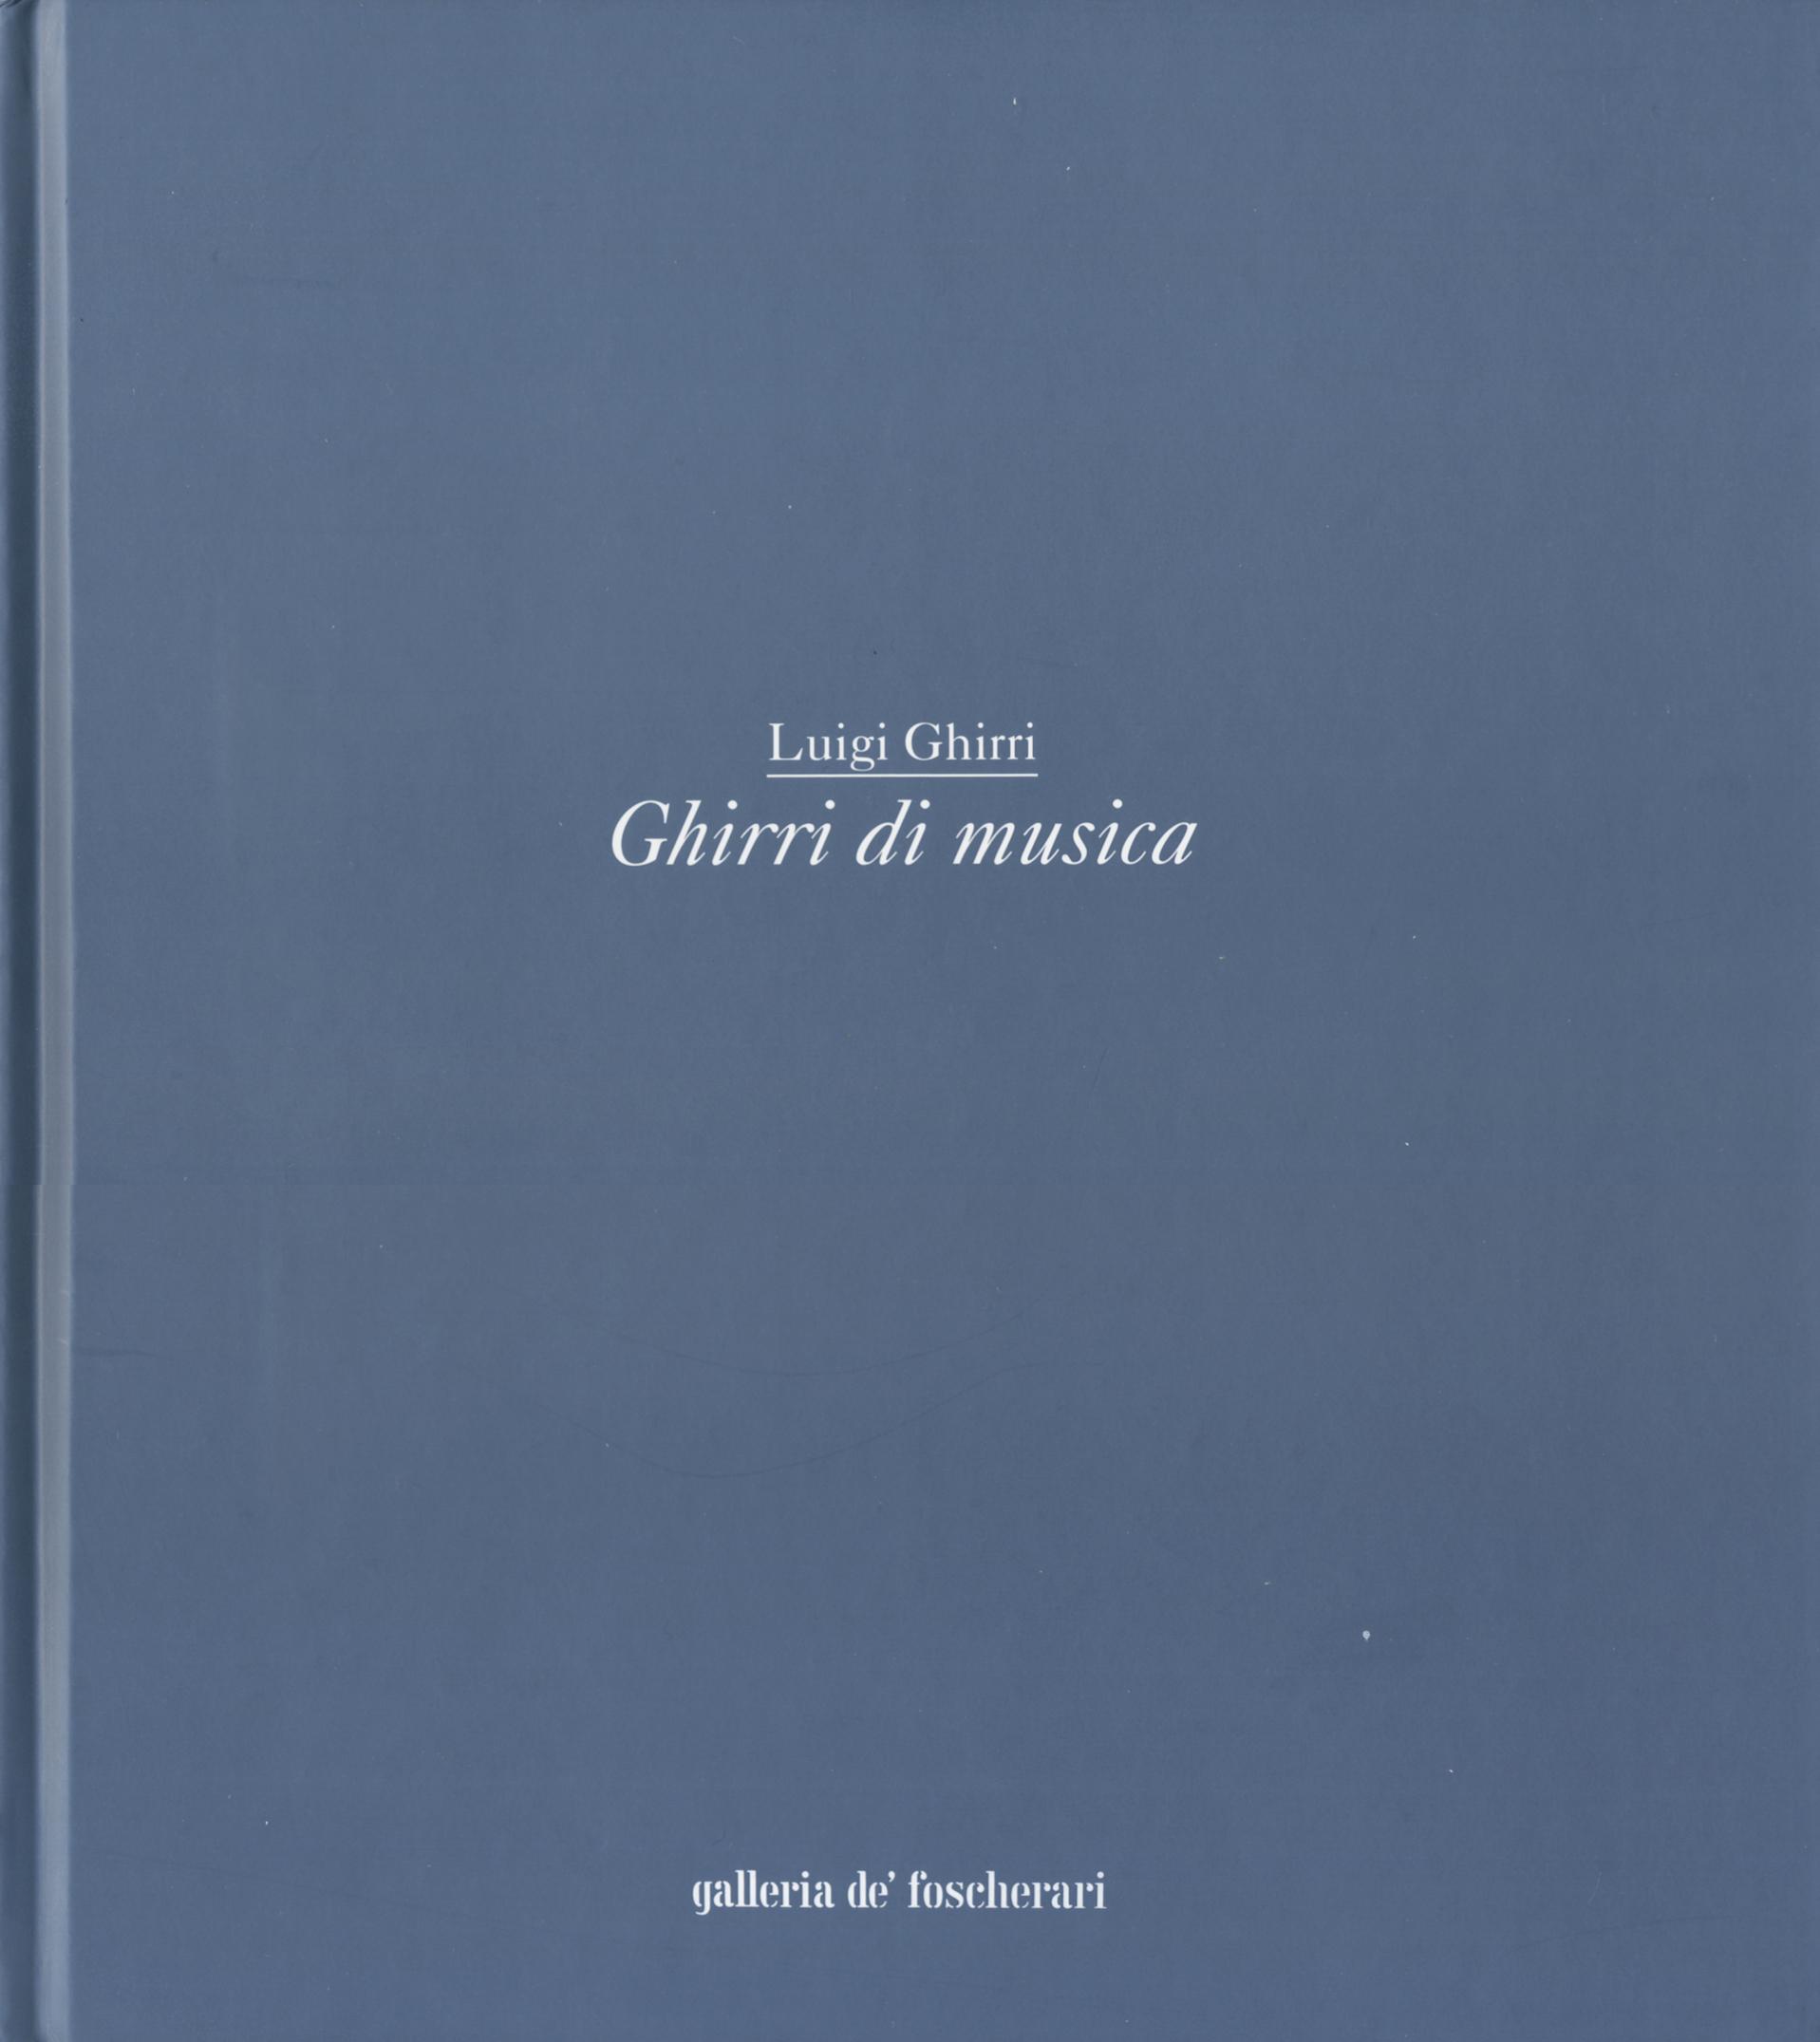 Luigi Ghirri: Ghirri di musica